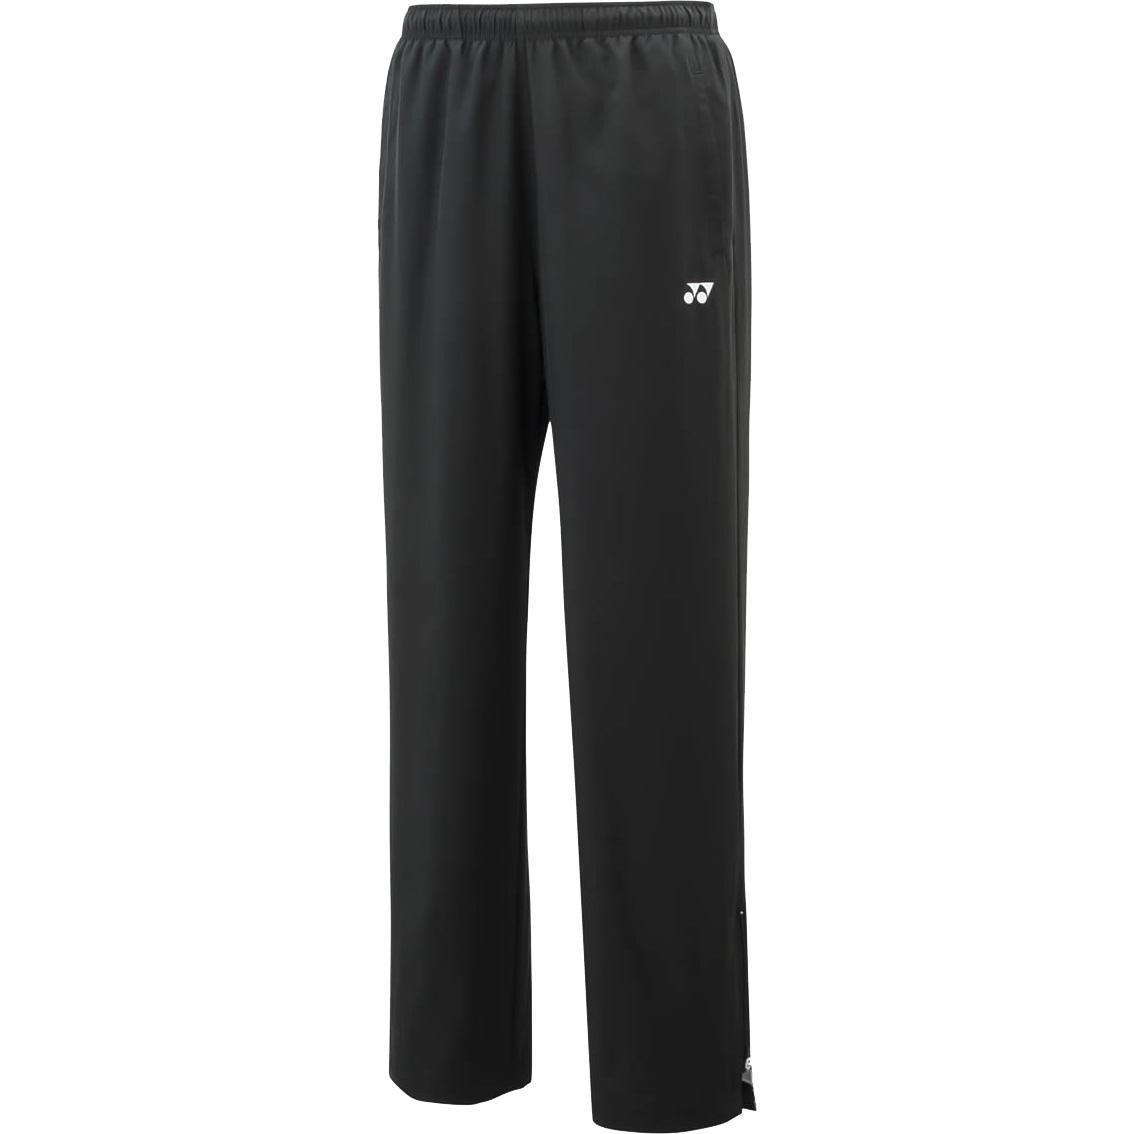 Штаны спортивные Yonex 60058 Warm-Up Pants Black